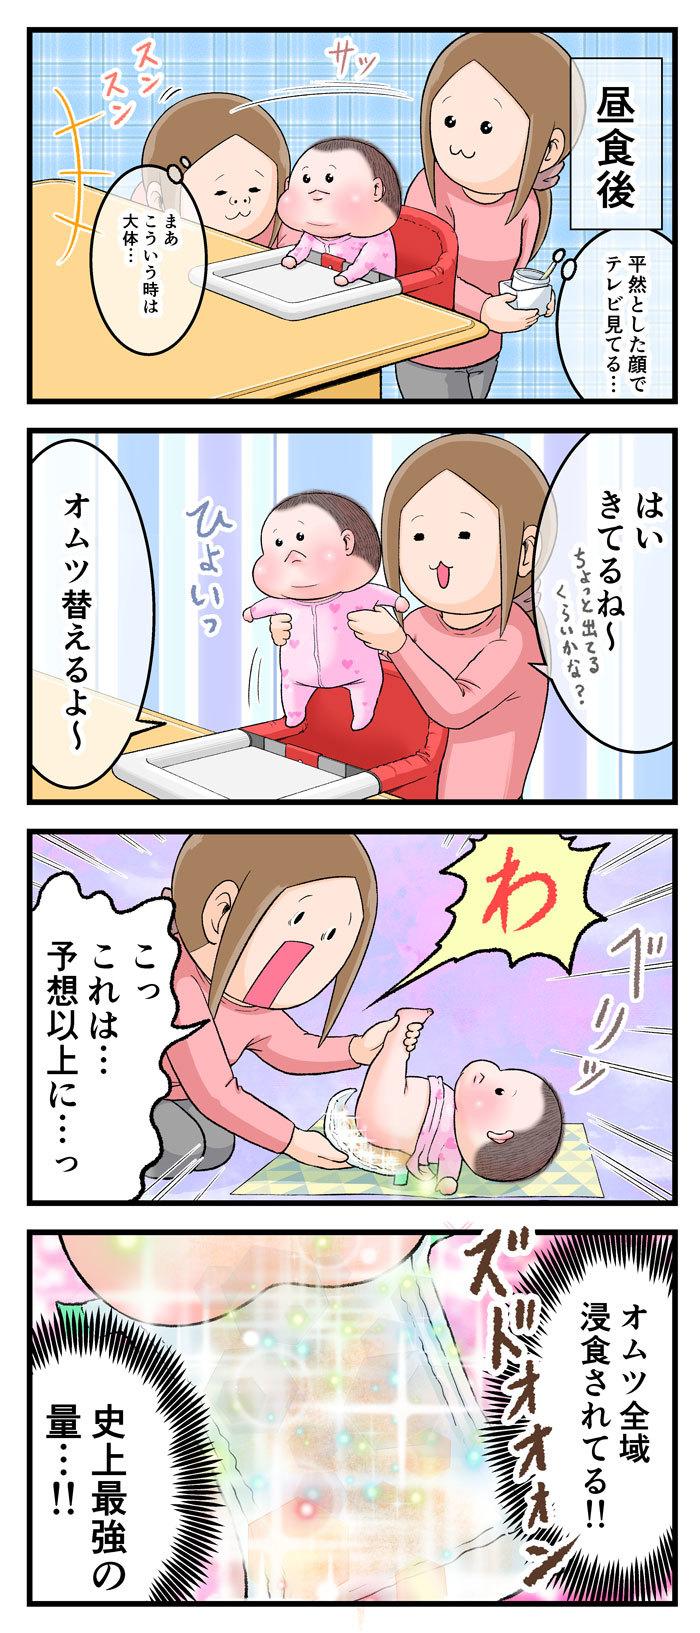 オムツ替えってスポーツだよね…?歴史に残る死闘☆5選!!の画像9